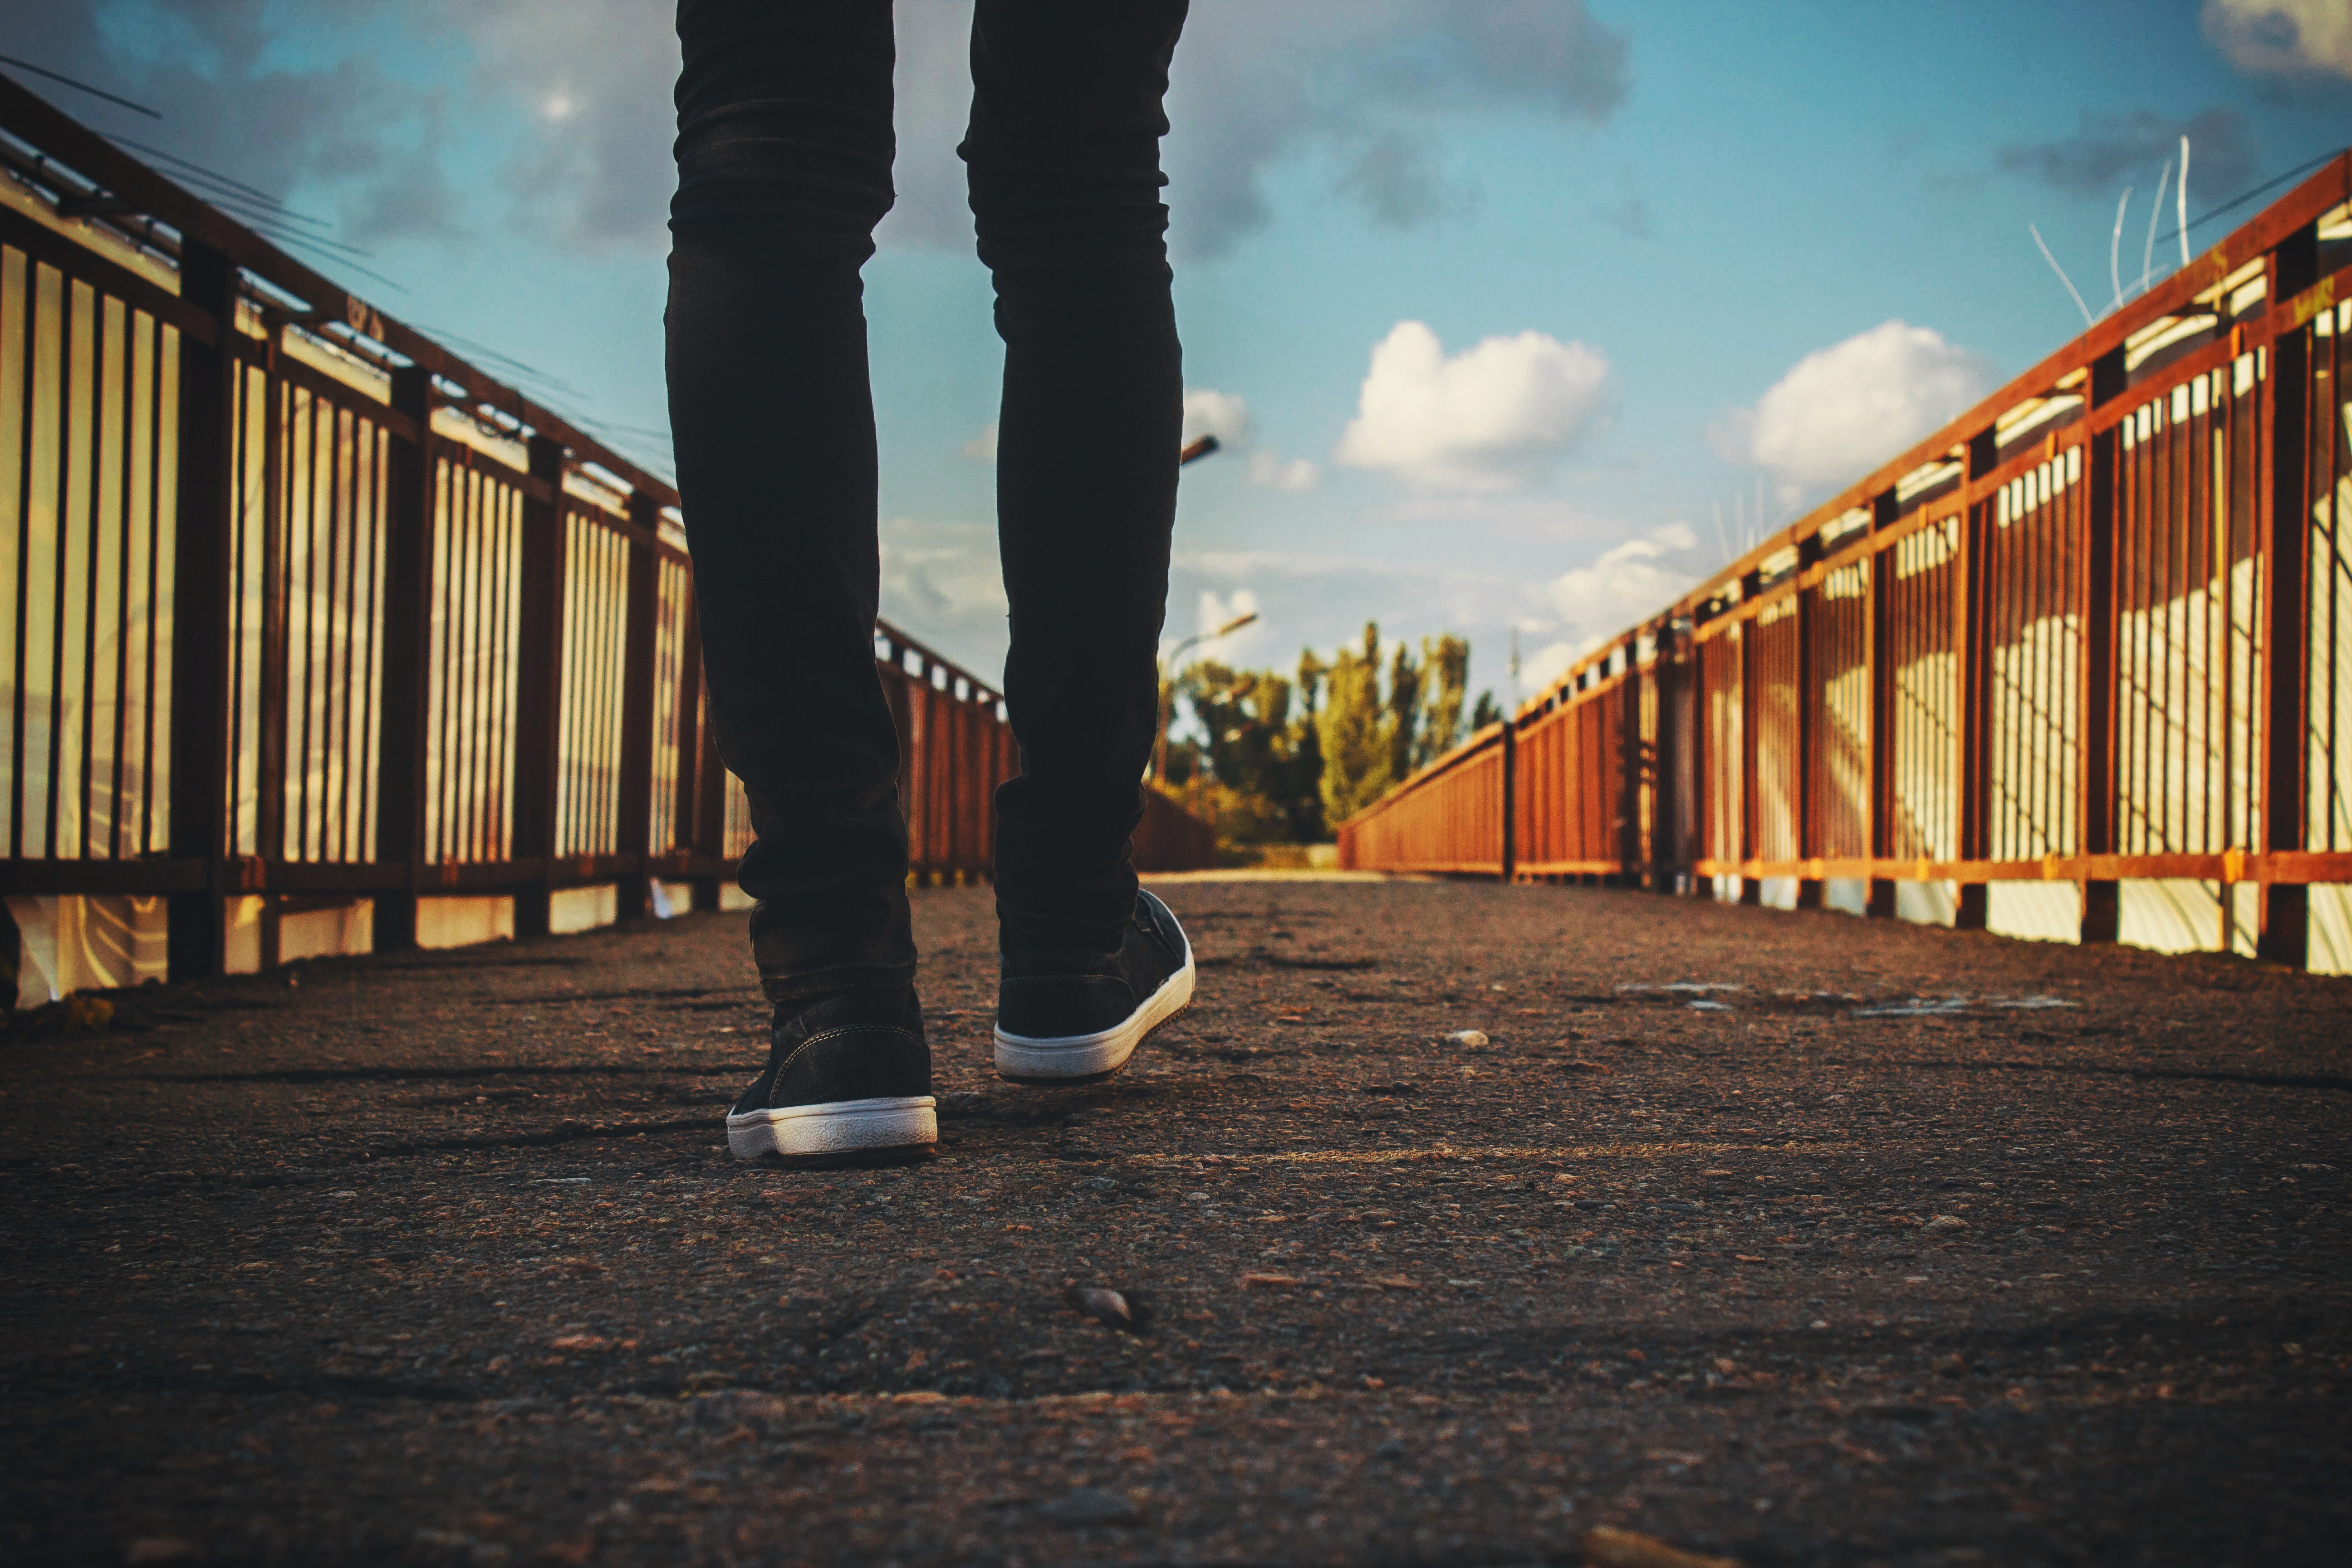 الثانوية العامة: جسر الطموح